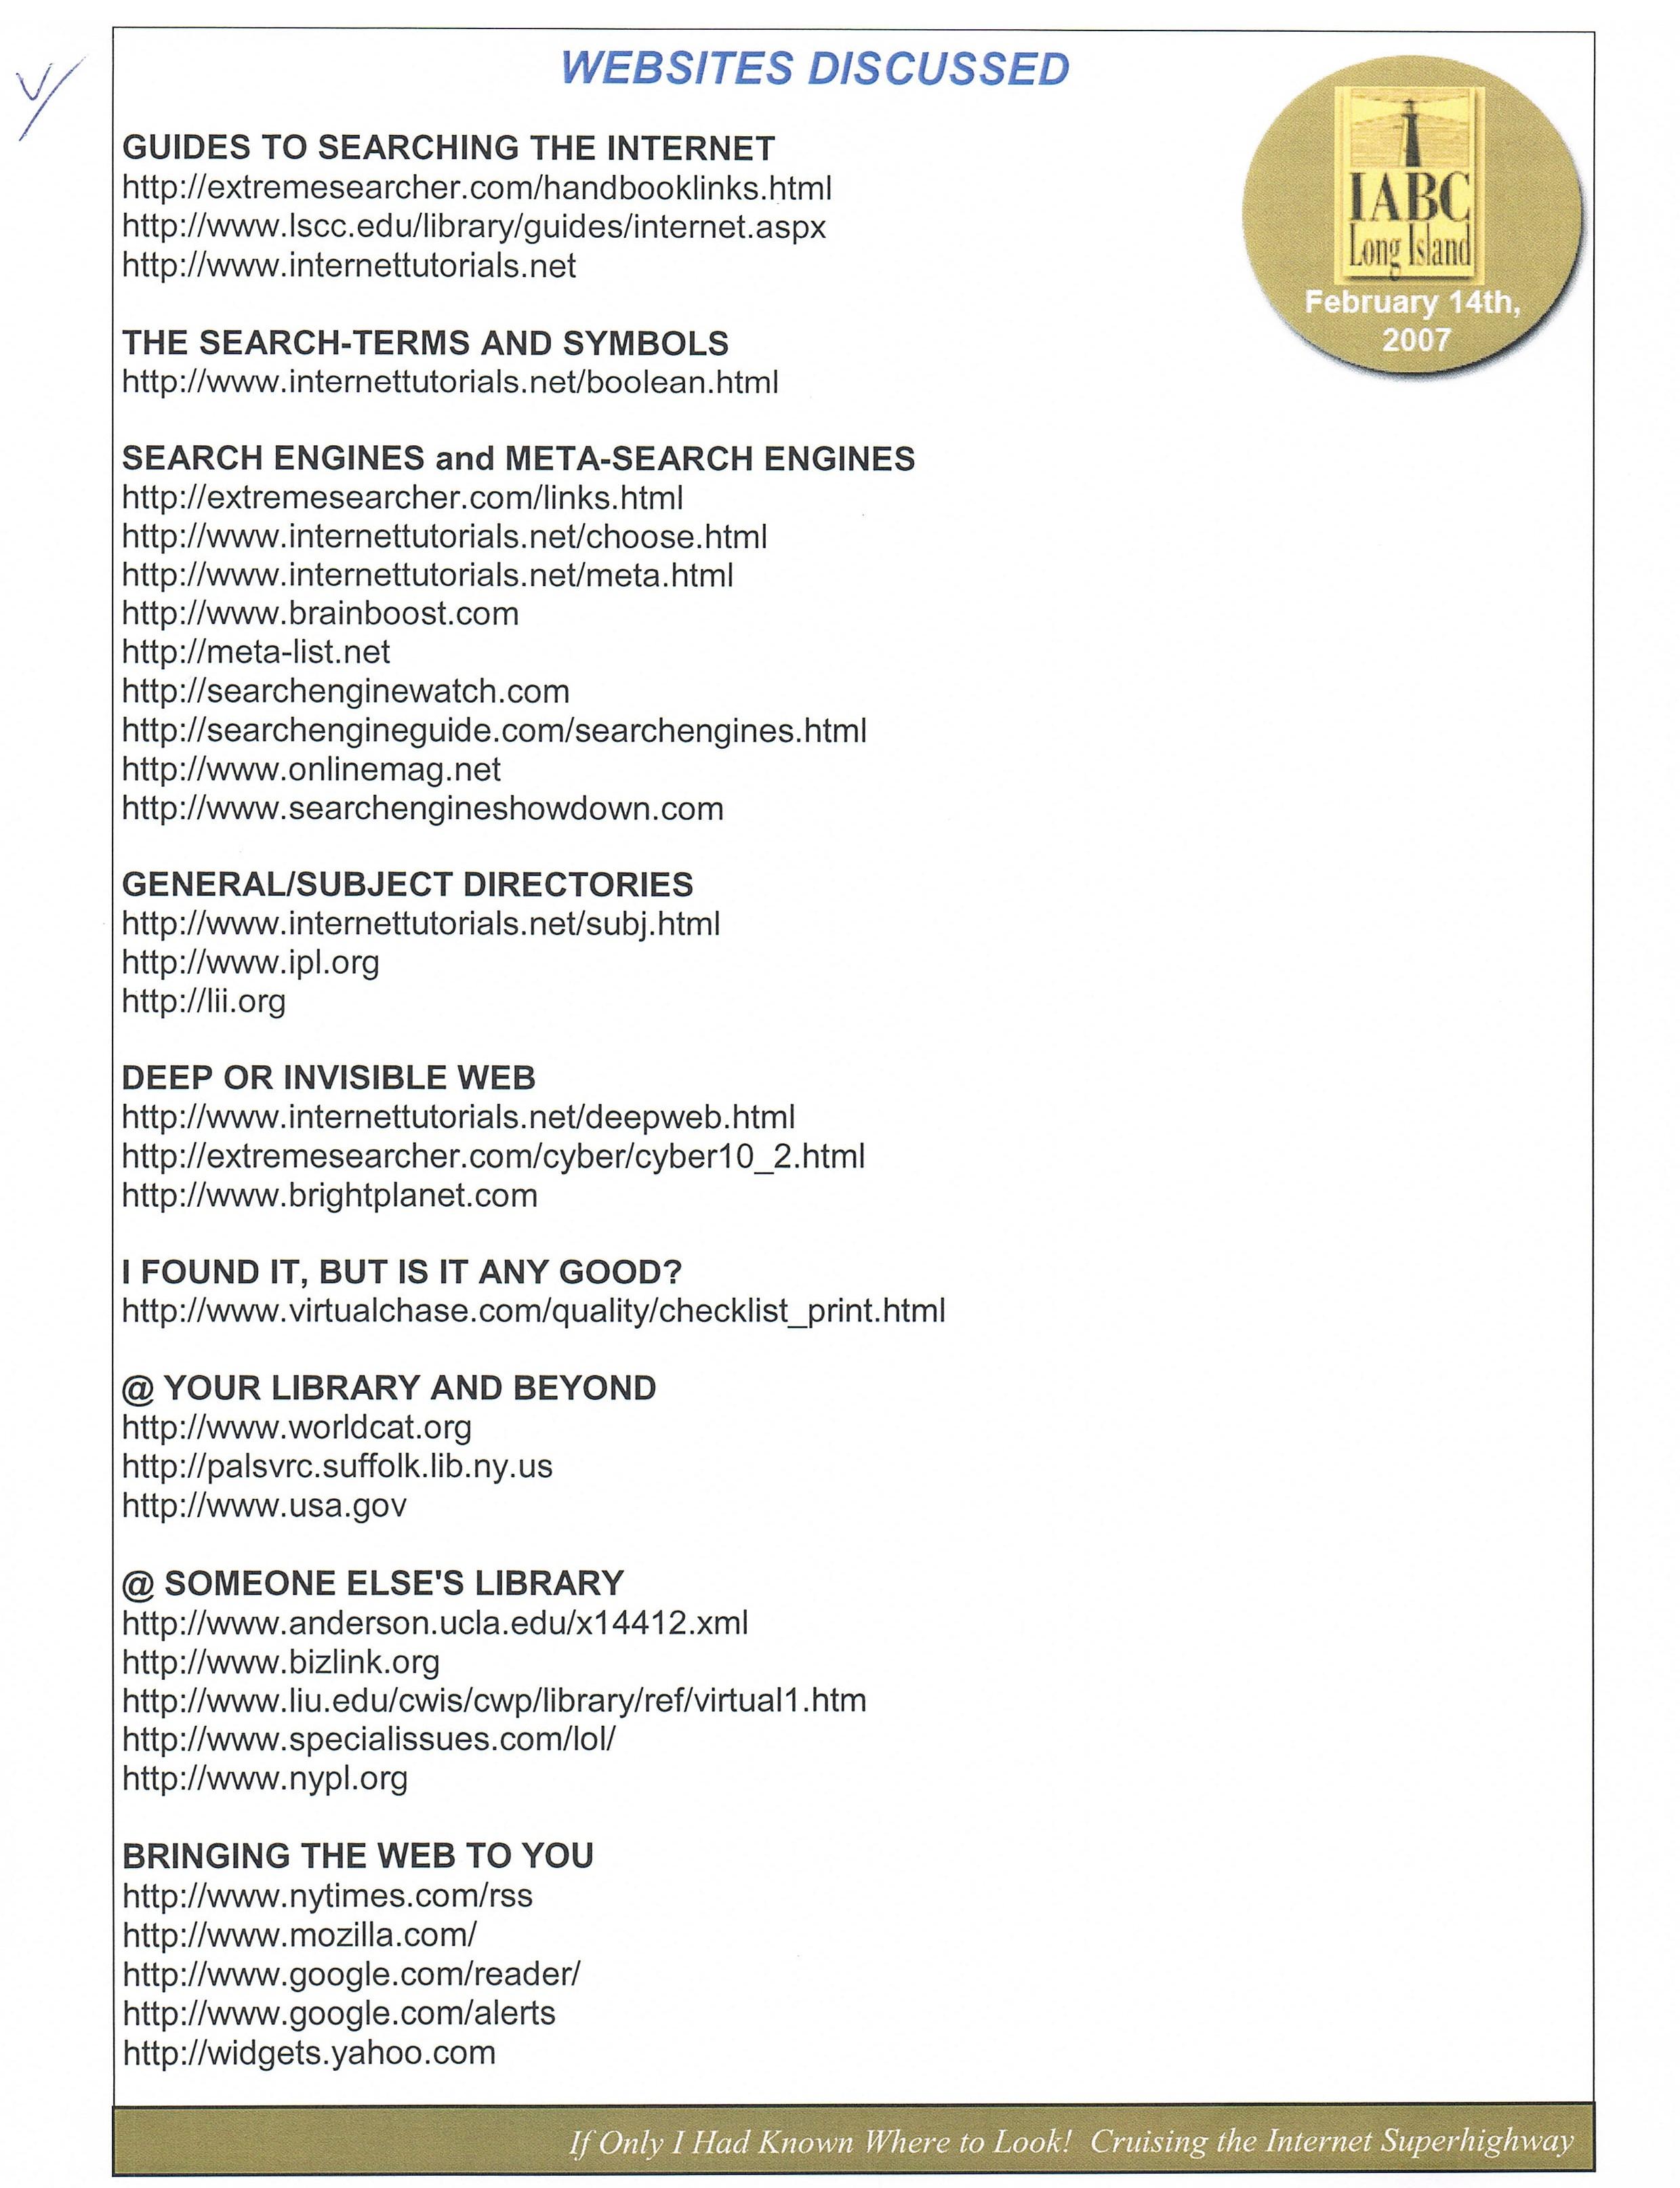 Websites Discussed IABC 2007 – QGroup